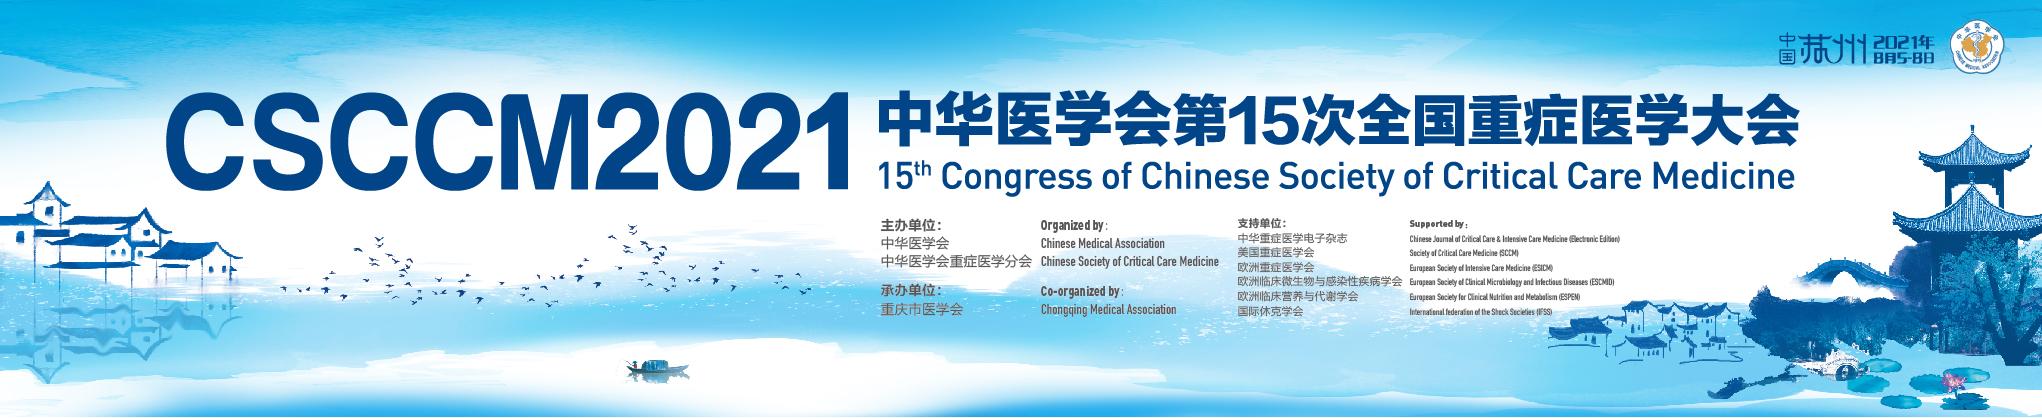 中华医学会第15次全国重症医学大会